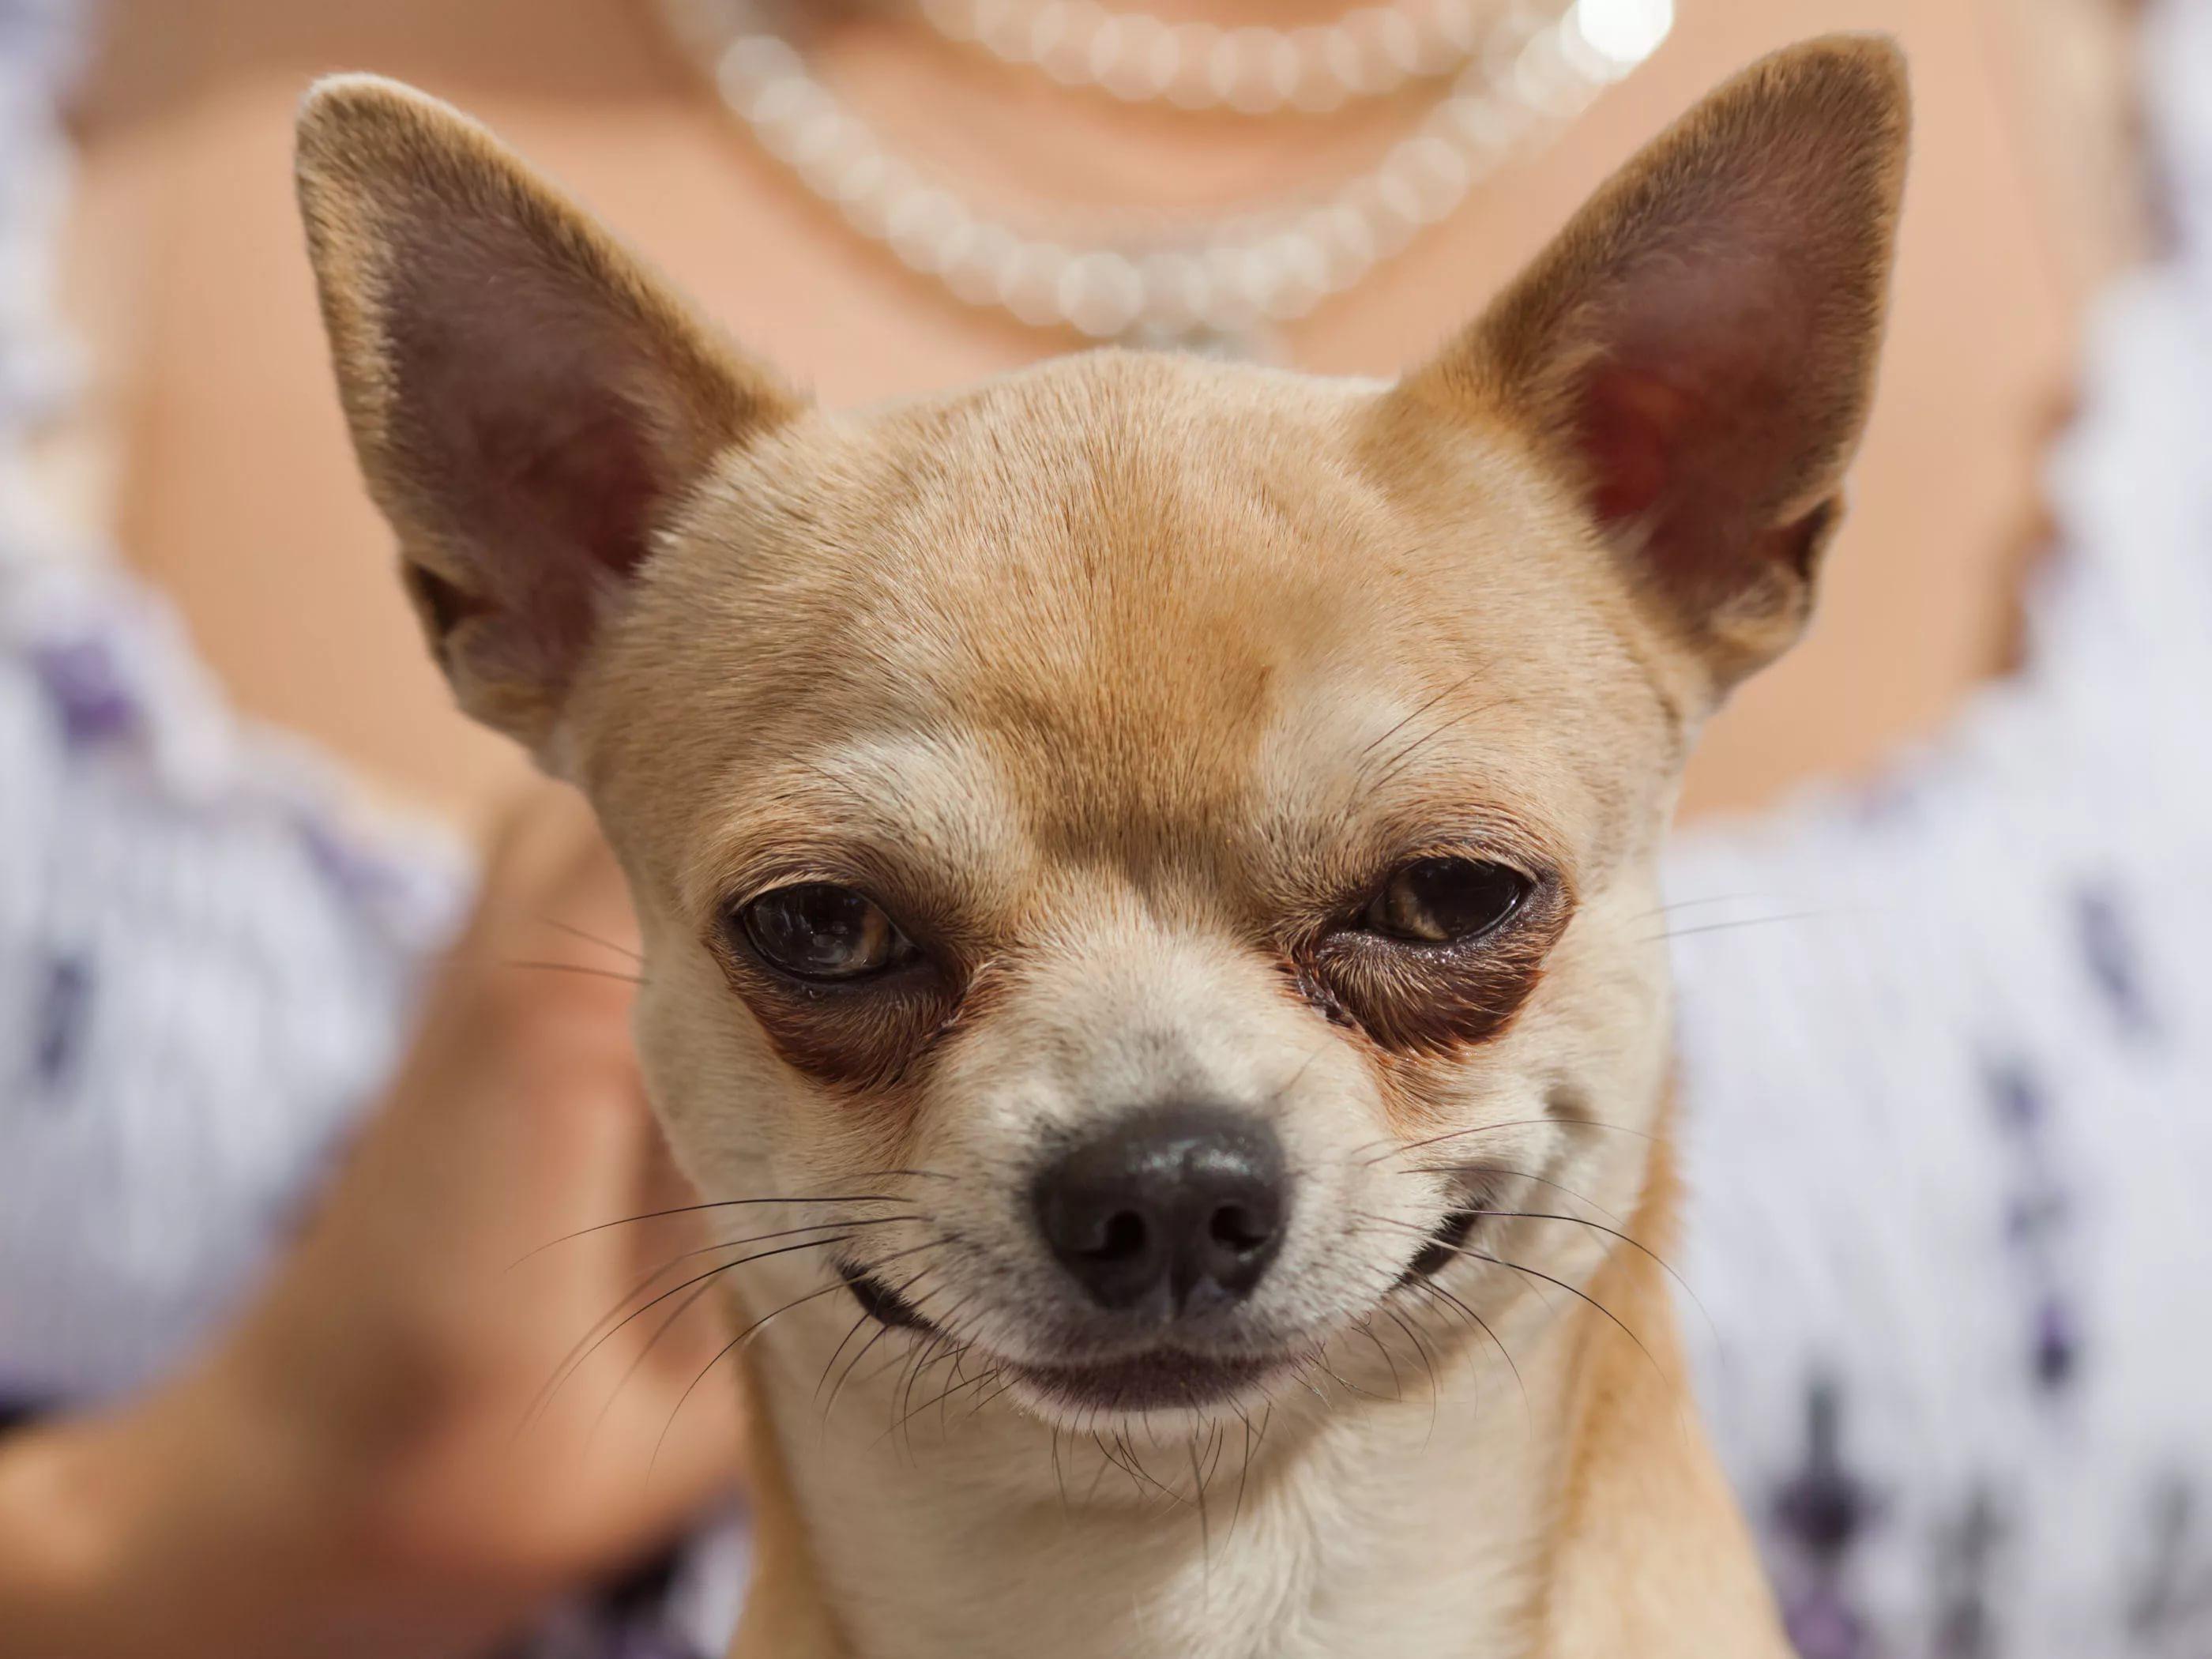 Фото на тему: Заниматься любовью дома, когда смотрит собака. Как?